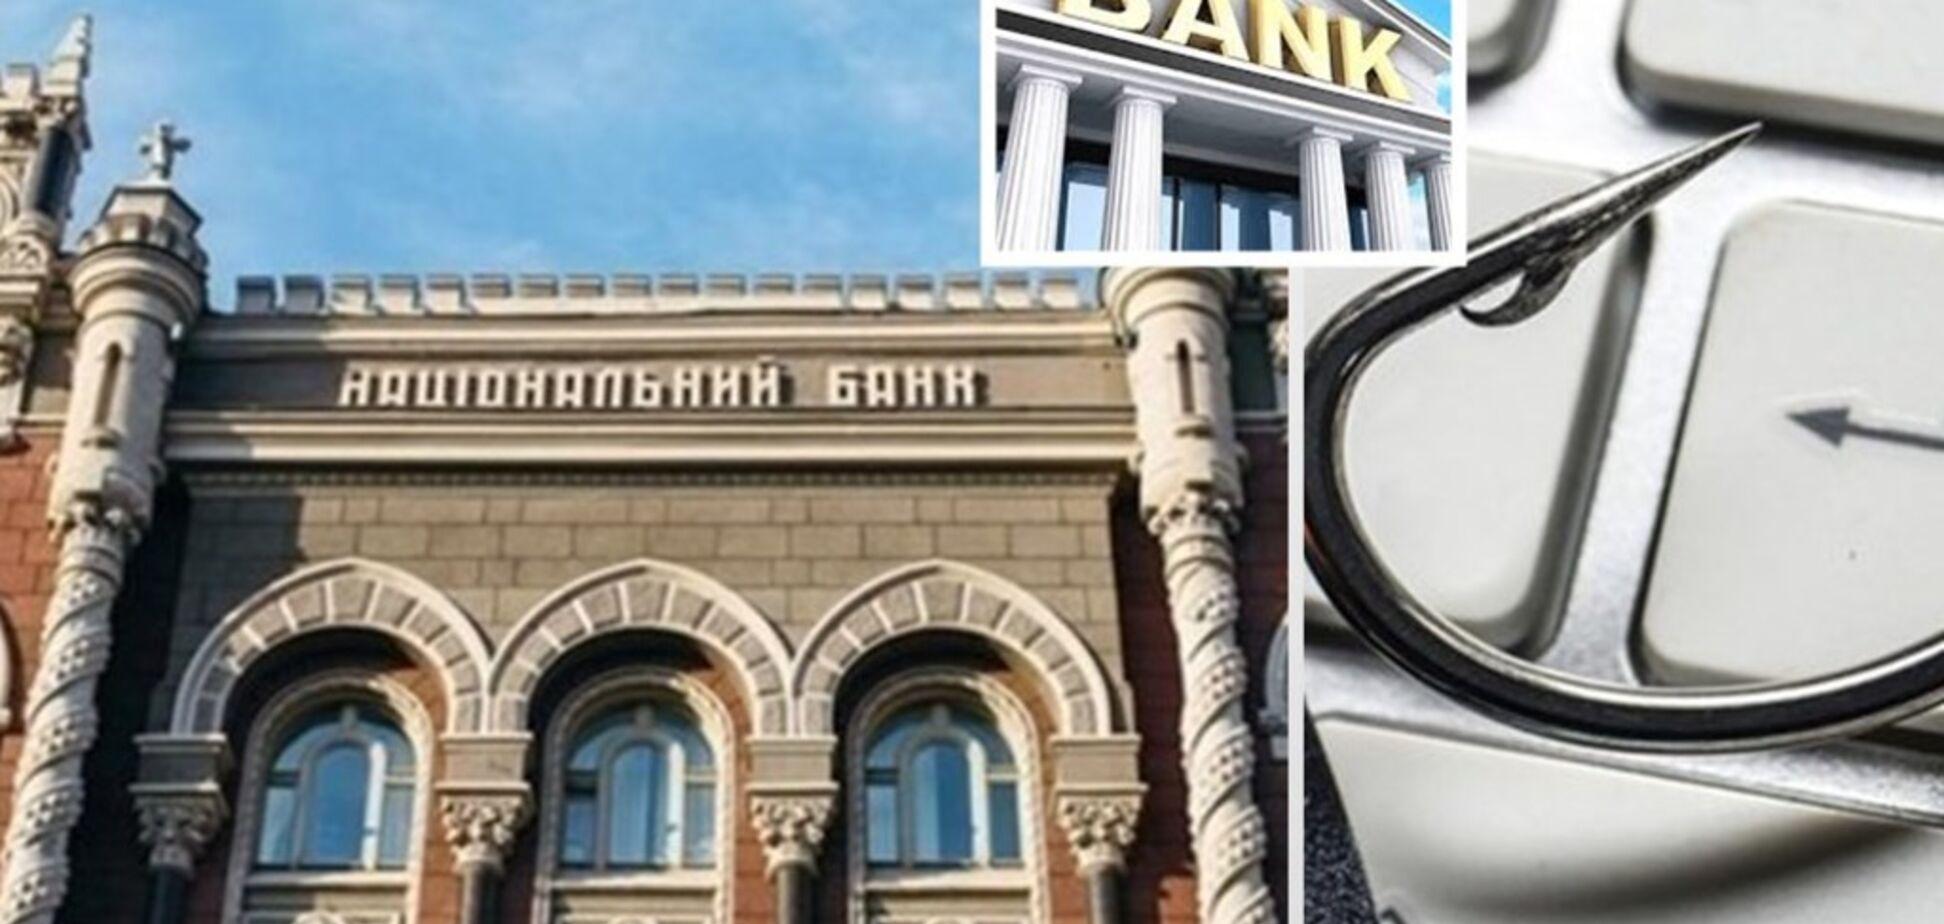 Банки в Україні. Рейтинг